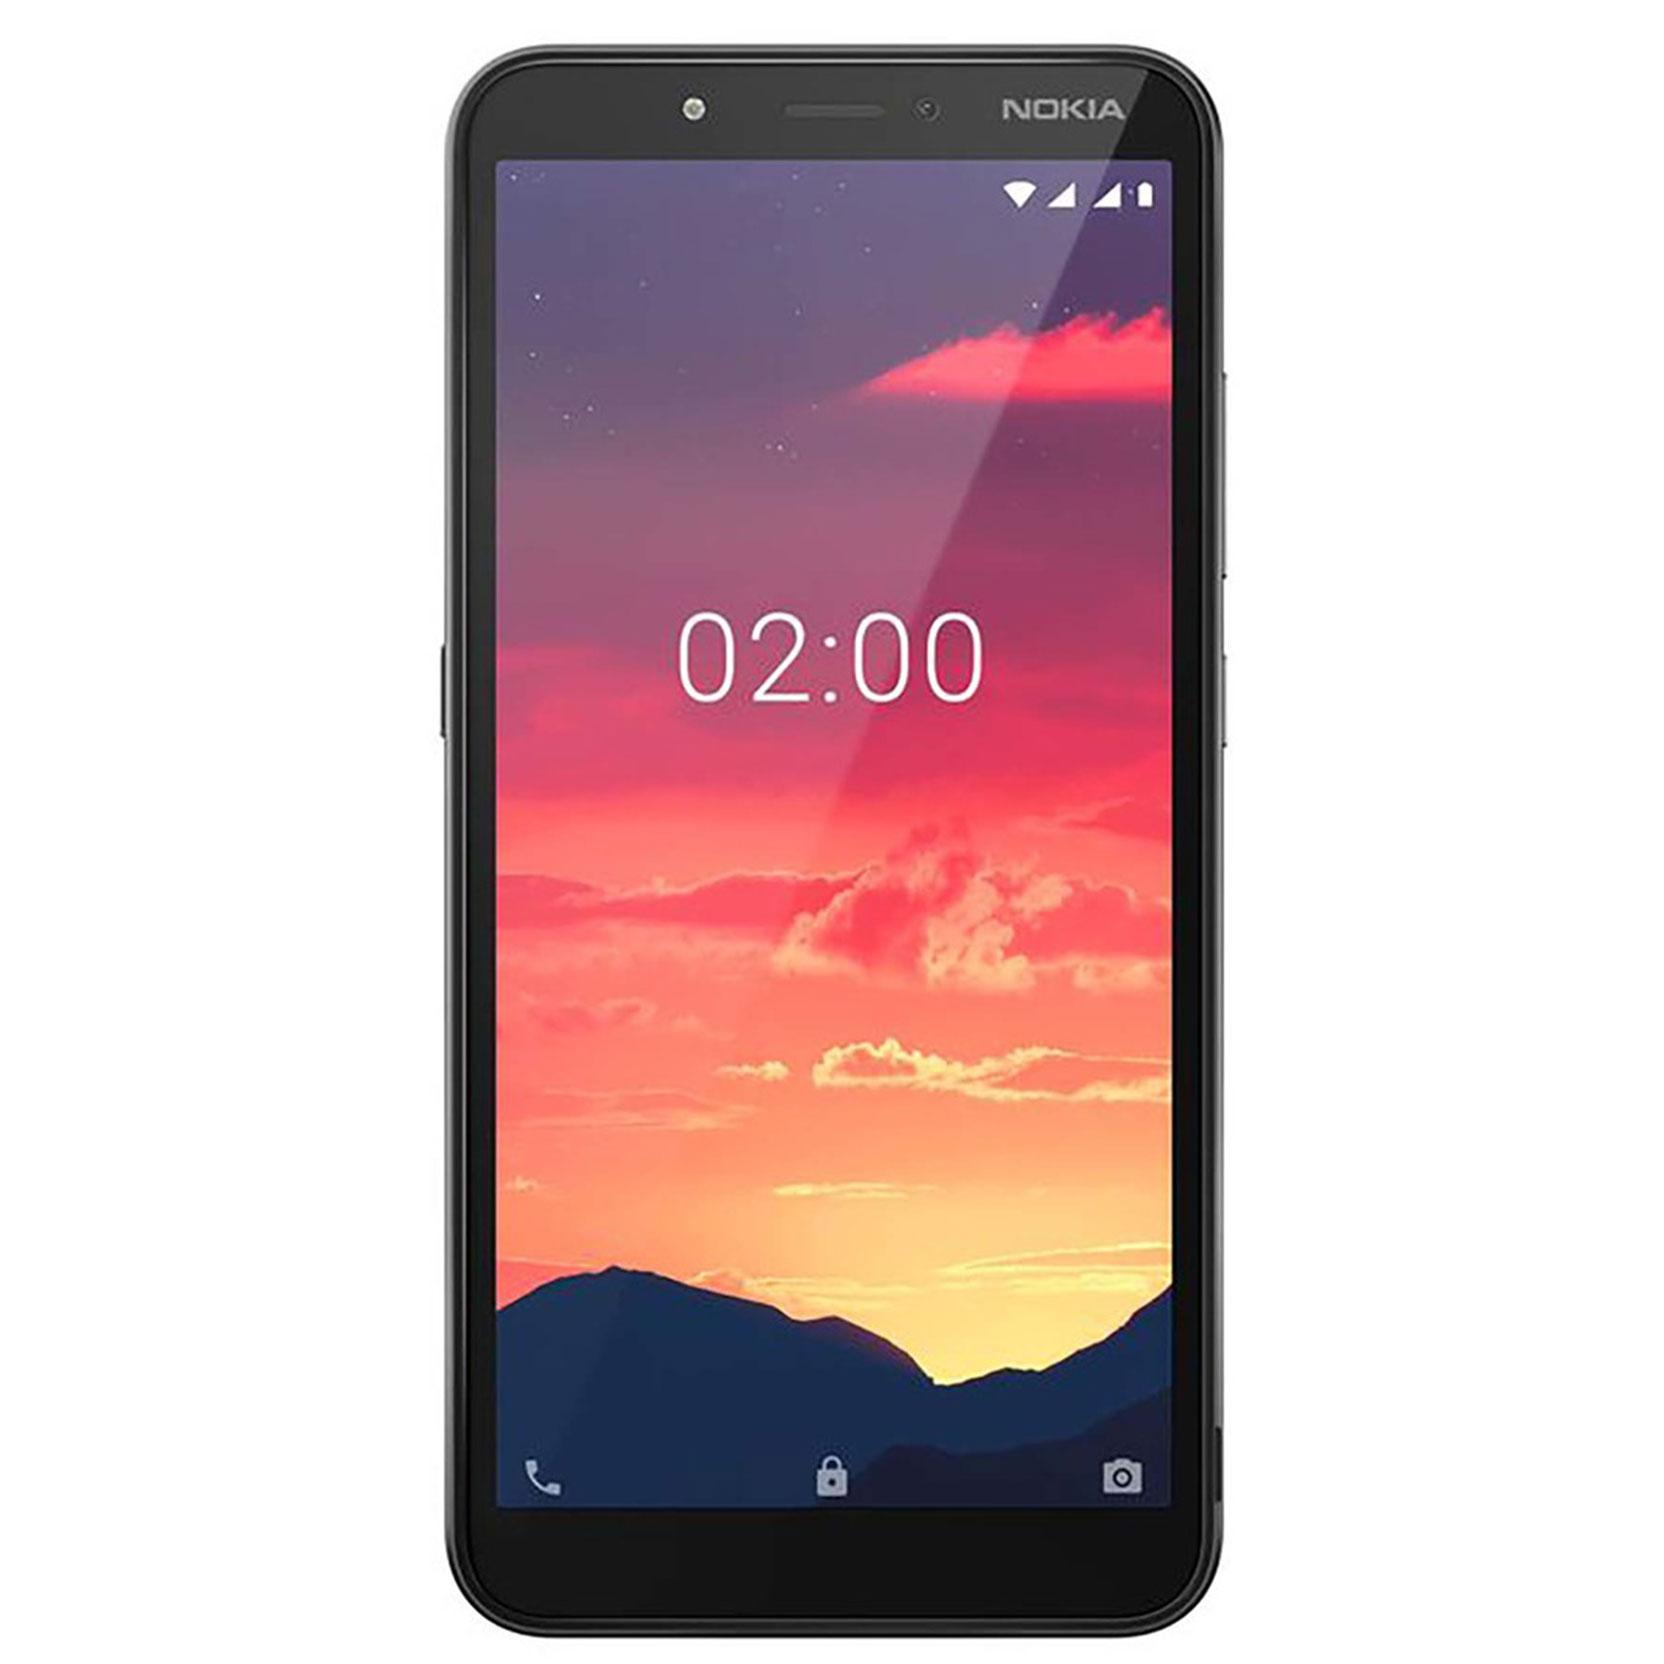 فروش نقدی و اقساطی گوشی موبایل نوکیا مدل Nokia C2 TA-1204 DS دو سیم کارت ظرفیت 16 گیگابایت